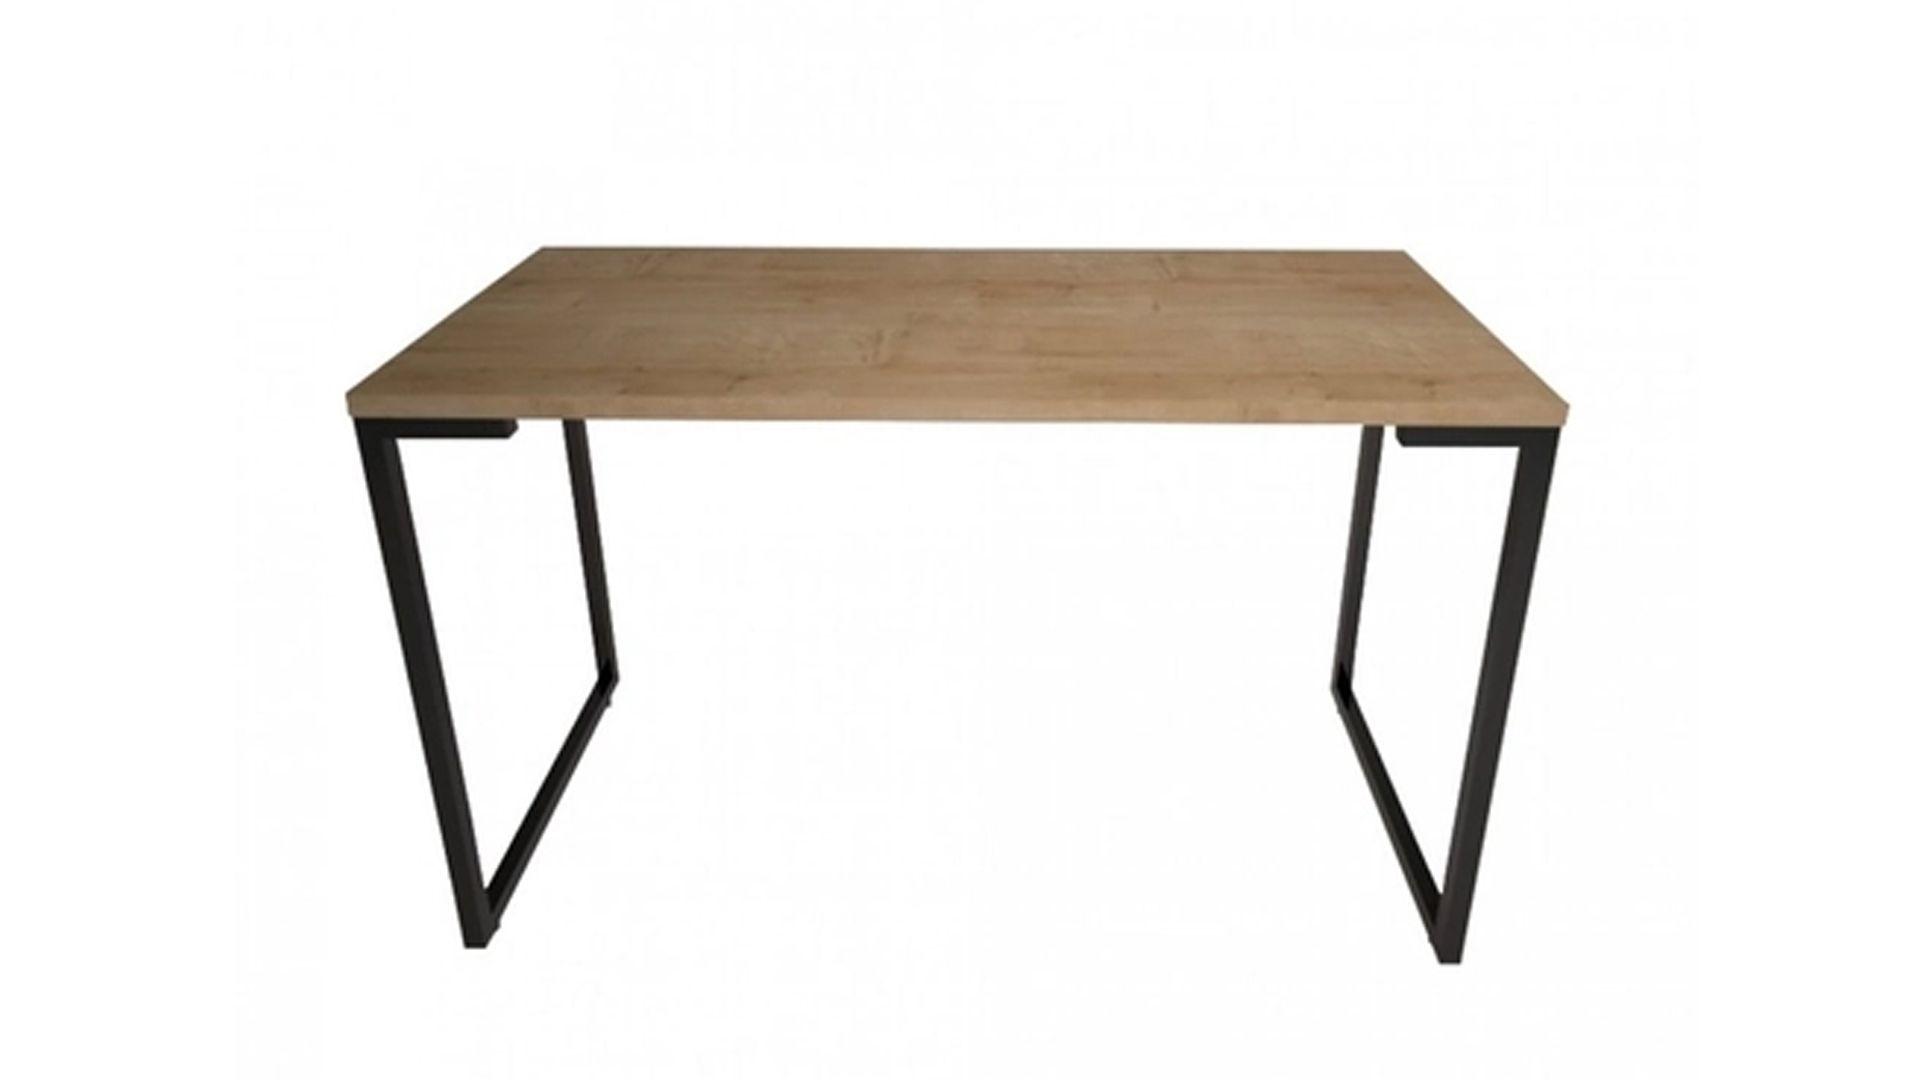 Uma mesa para notebook versátil e com estilo industrial (Fonte: Reprodução)